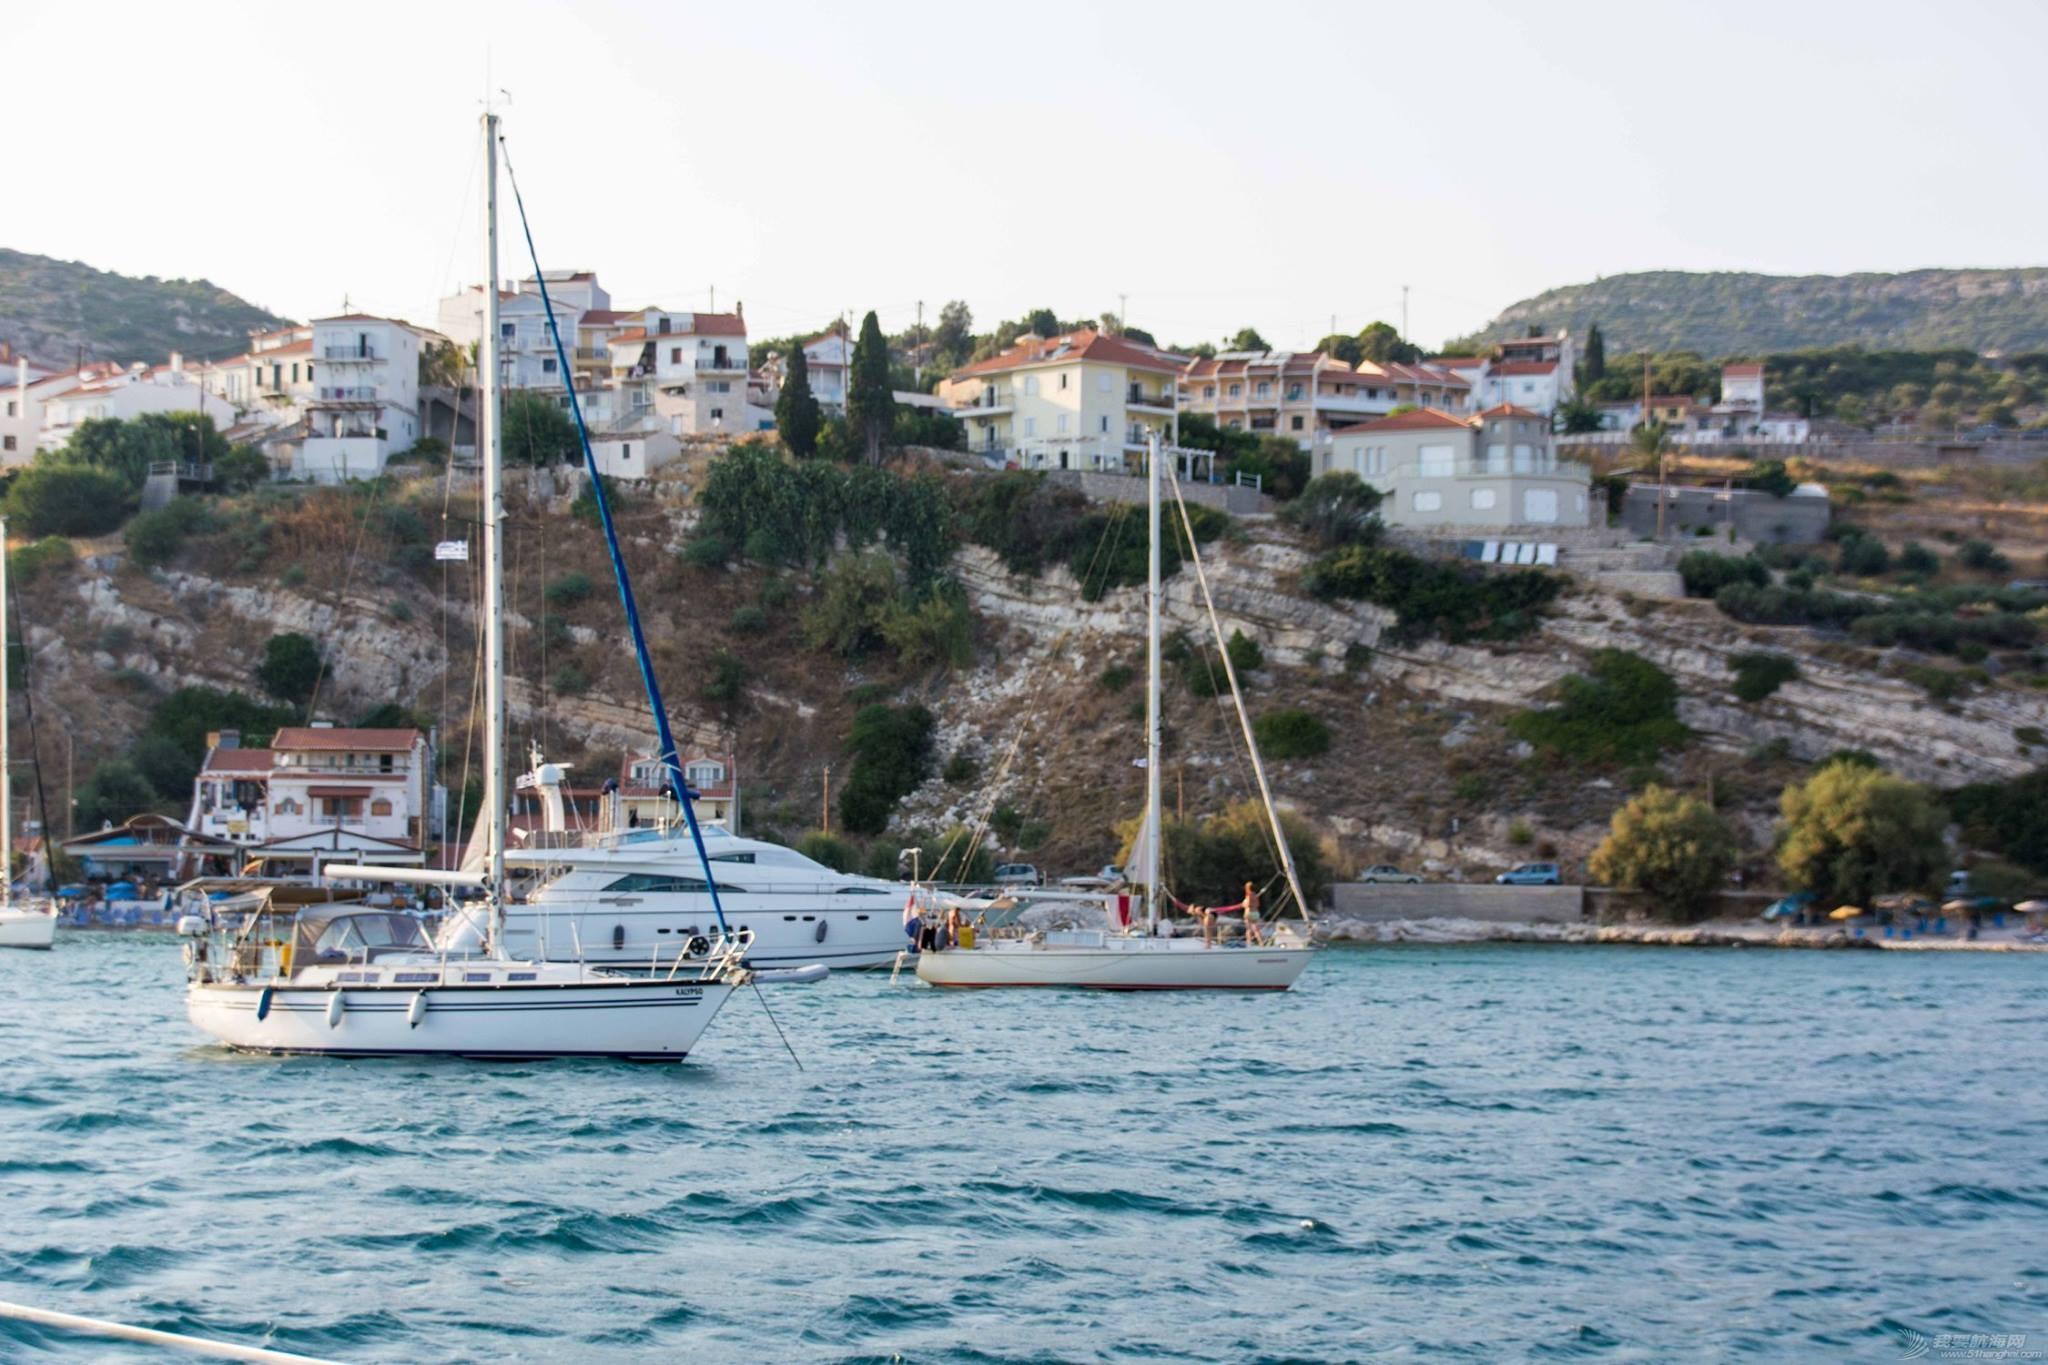 而且,希腊爱琴海,照相机,戏剧性,帆船 你经历过强风使所有的帆船拖锚吗? 11891424_1618493025076026_1103500038894431713_o.jpg